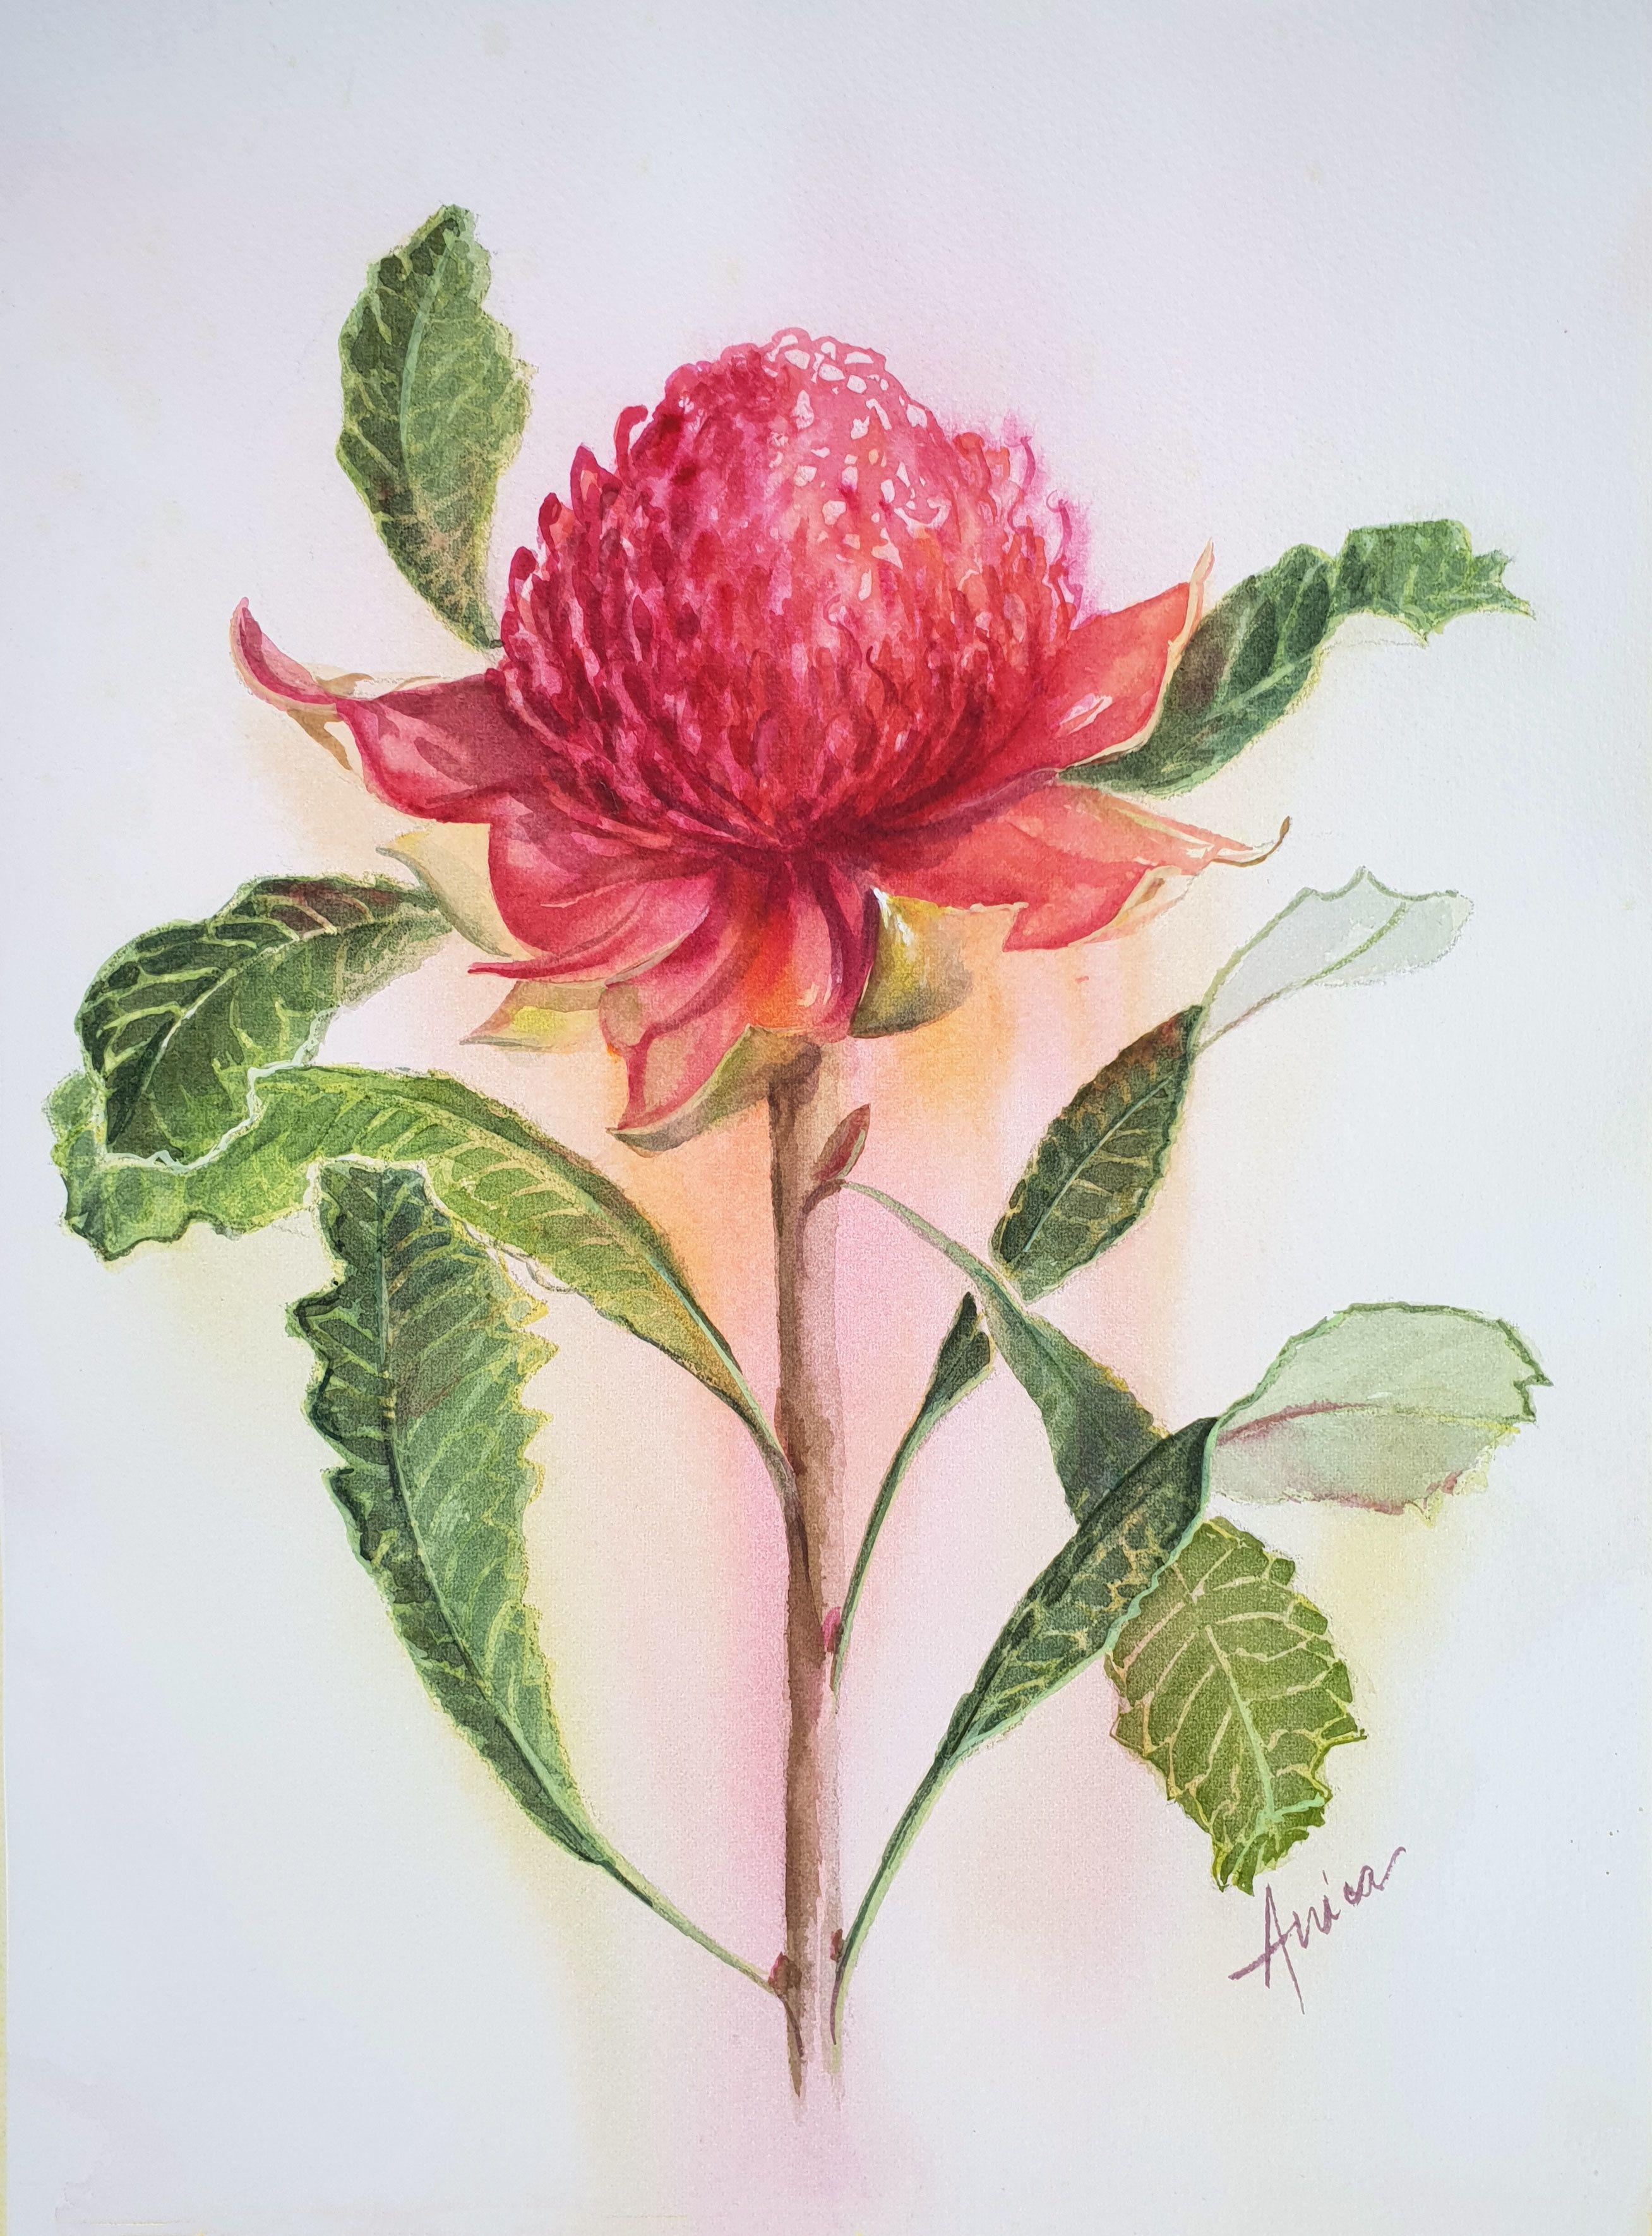 Pin by Helen on Australian Flowers in 2020 Watercolor